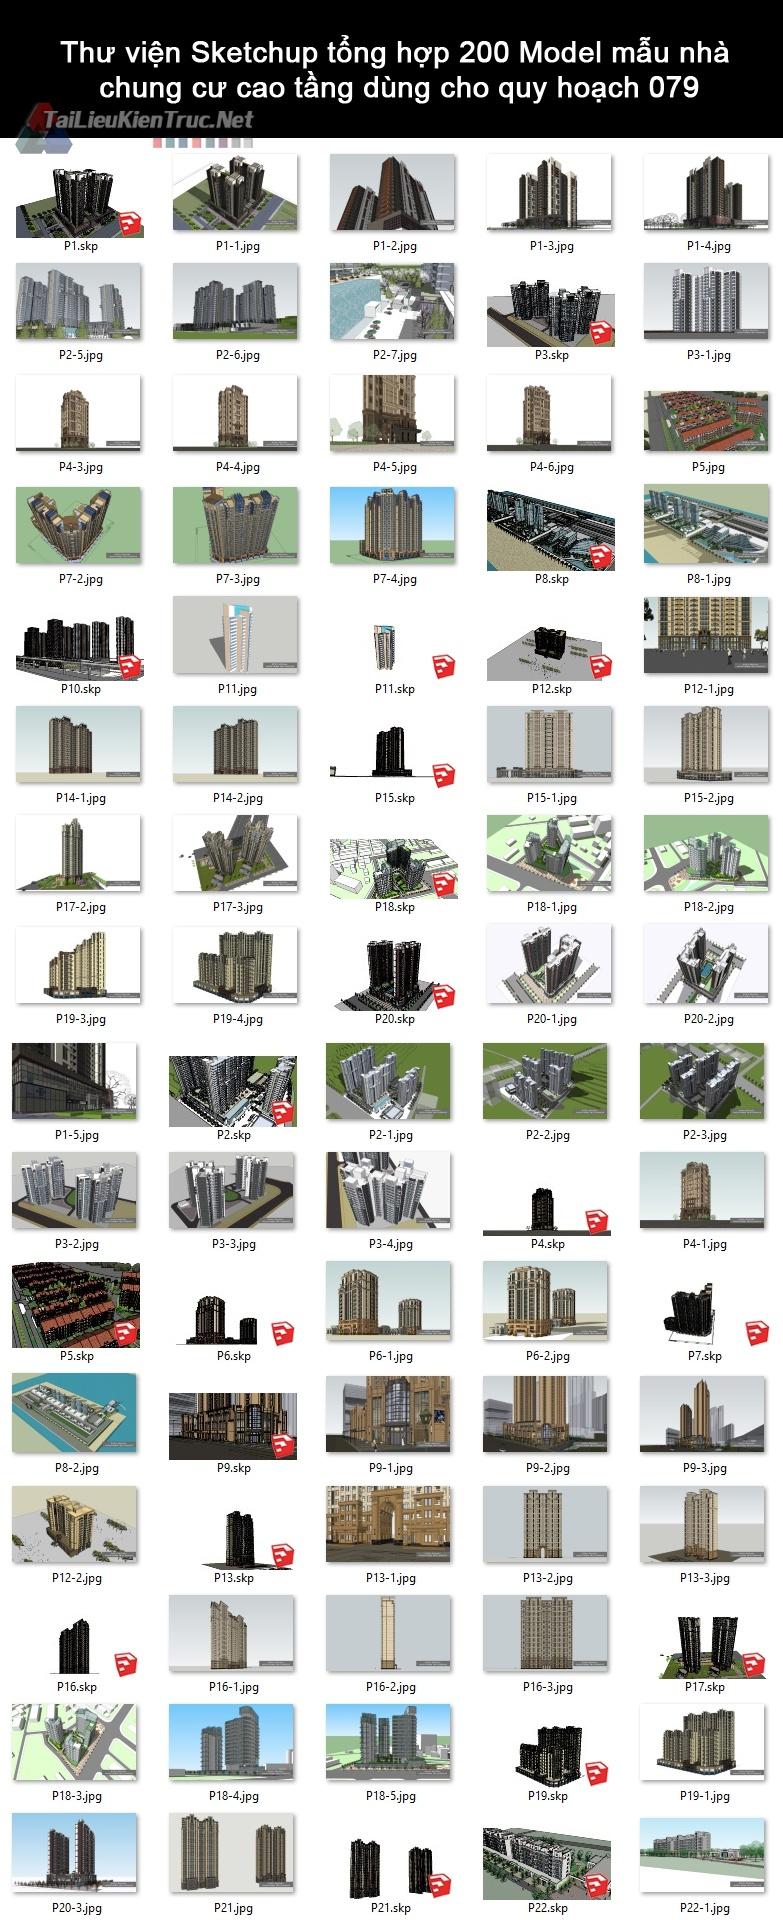 Thư viện Sketchup tổng hợp 200 Model mẫu nhà chung cư cao tầng dùng cho quy hoạch 079